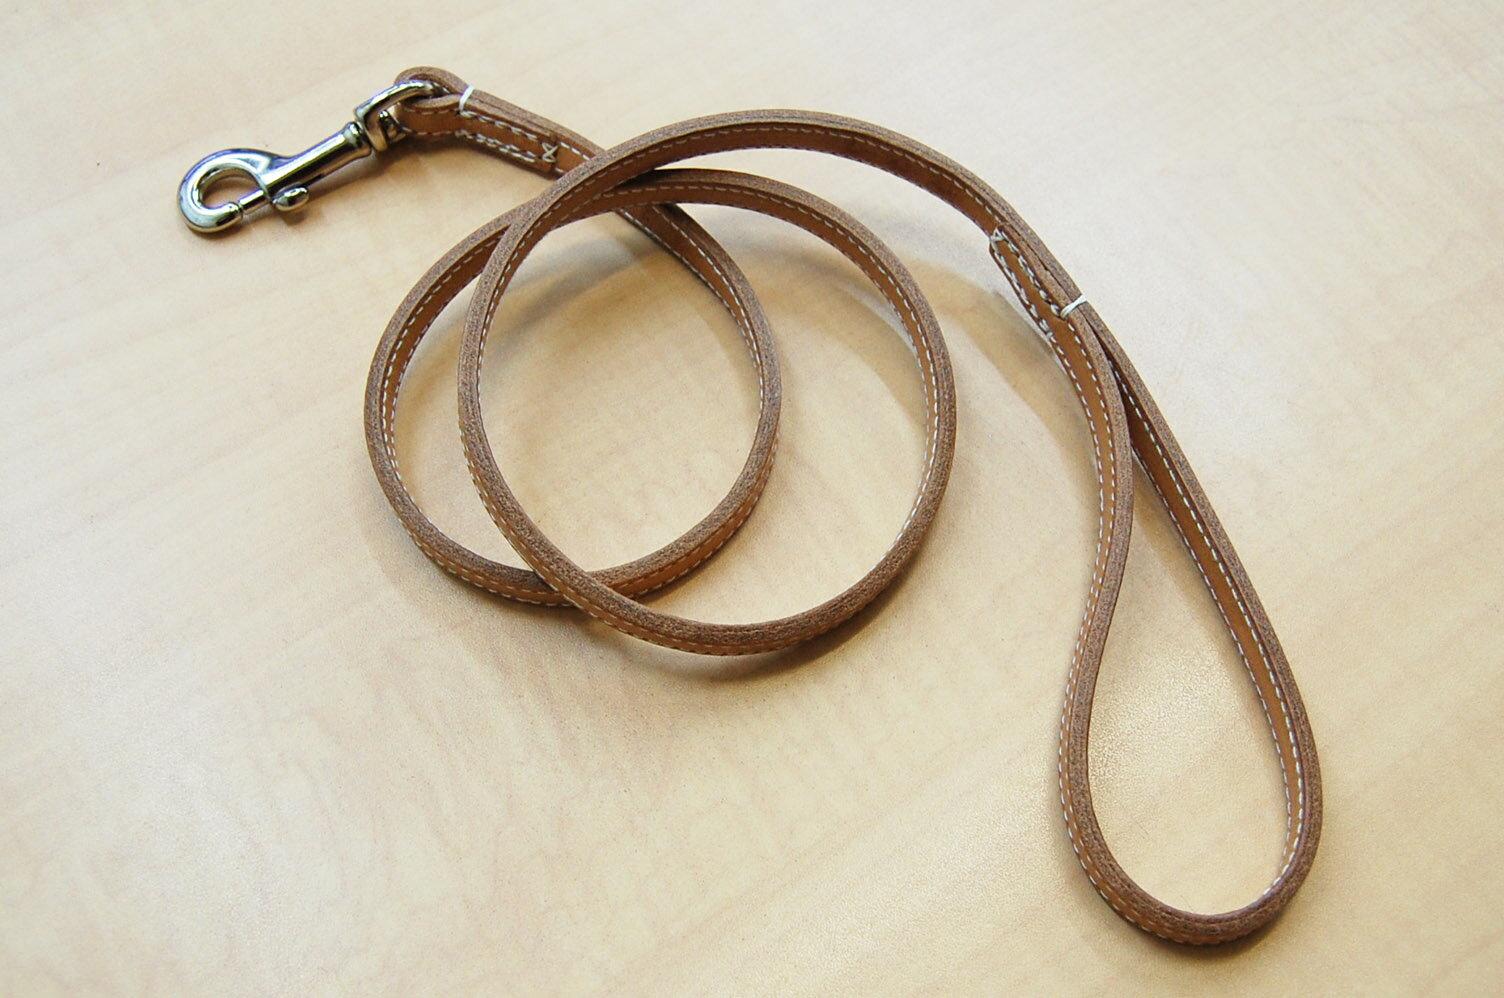 【送料無料】犬用 リード スタッズ(革幅:約12m/m 長さ:約110cm)【馬具職人ハンドメイド】